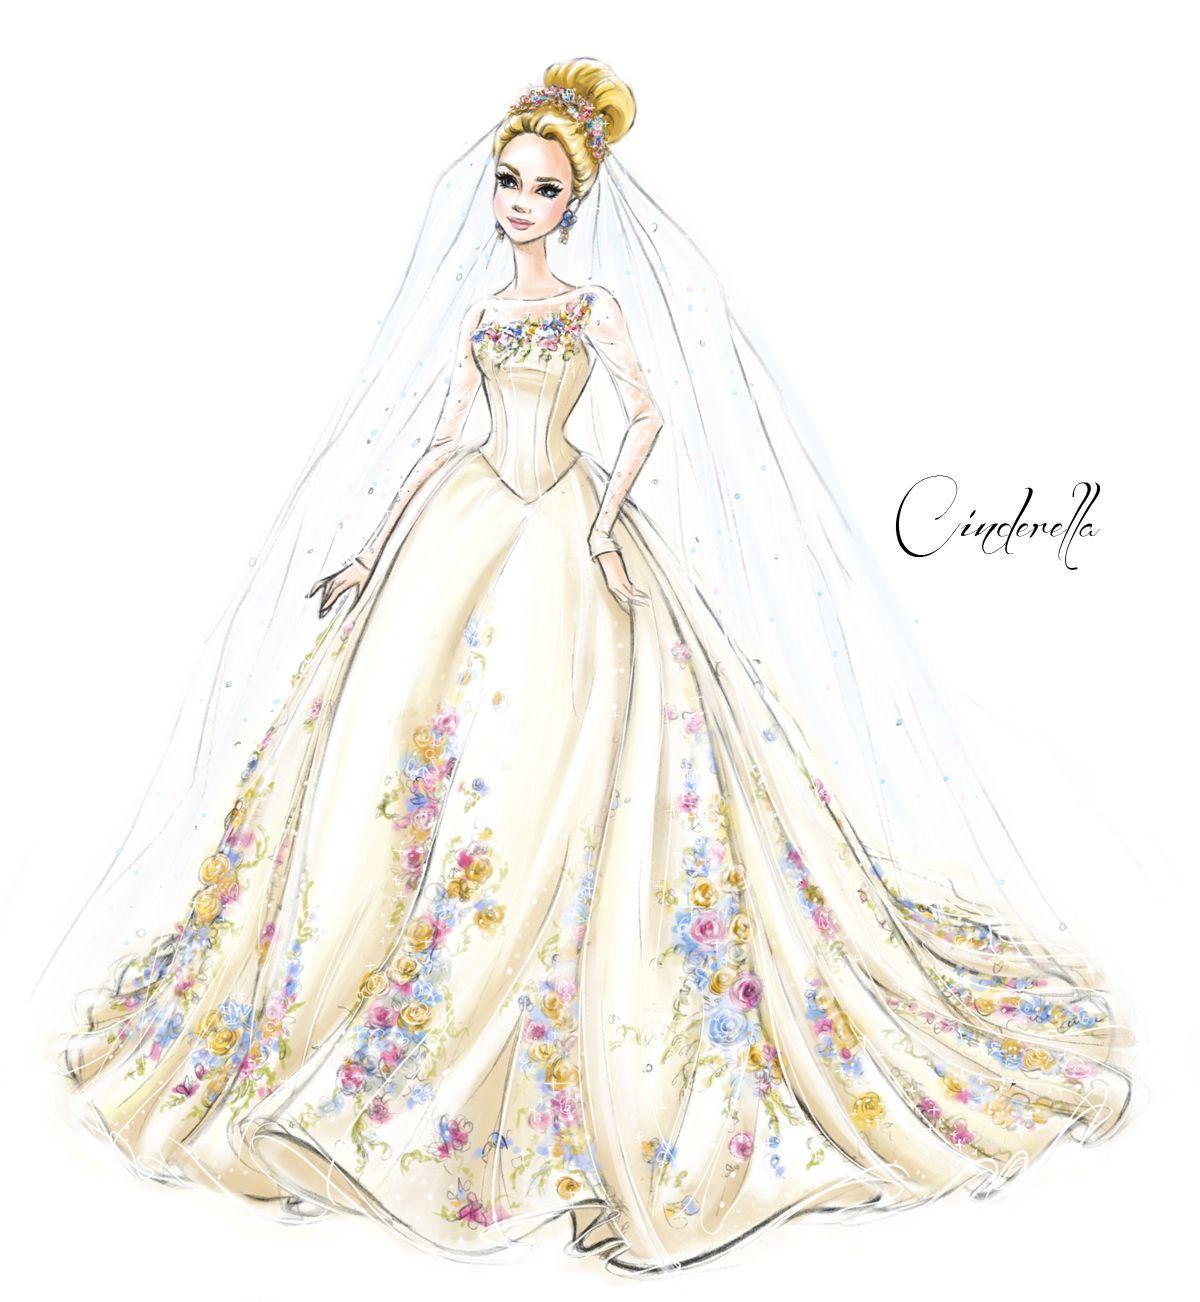 Cendrillon robes pinterest cendrillon princesse disney et cendrillon 2015 - Dessin anime cendrillon disney ...